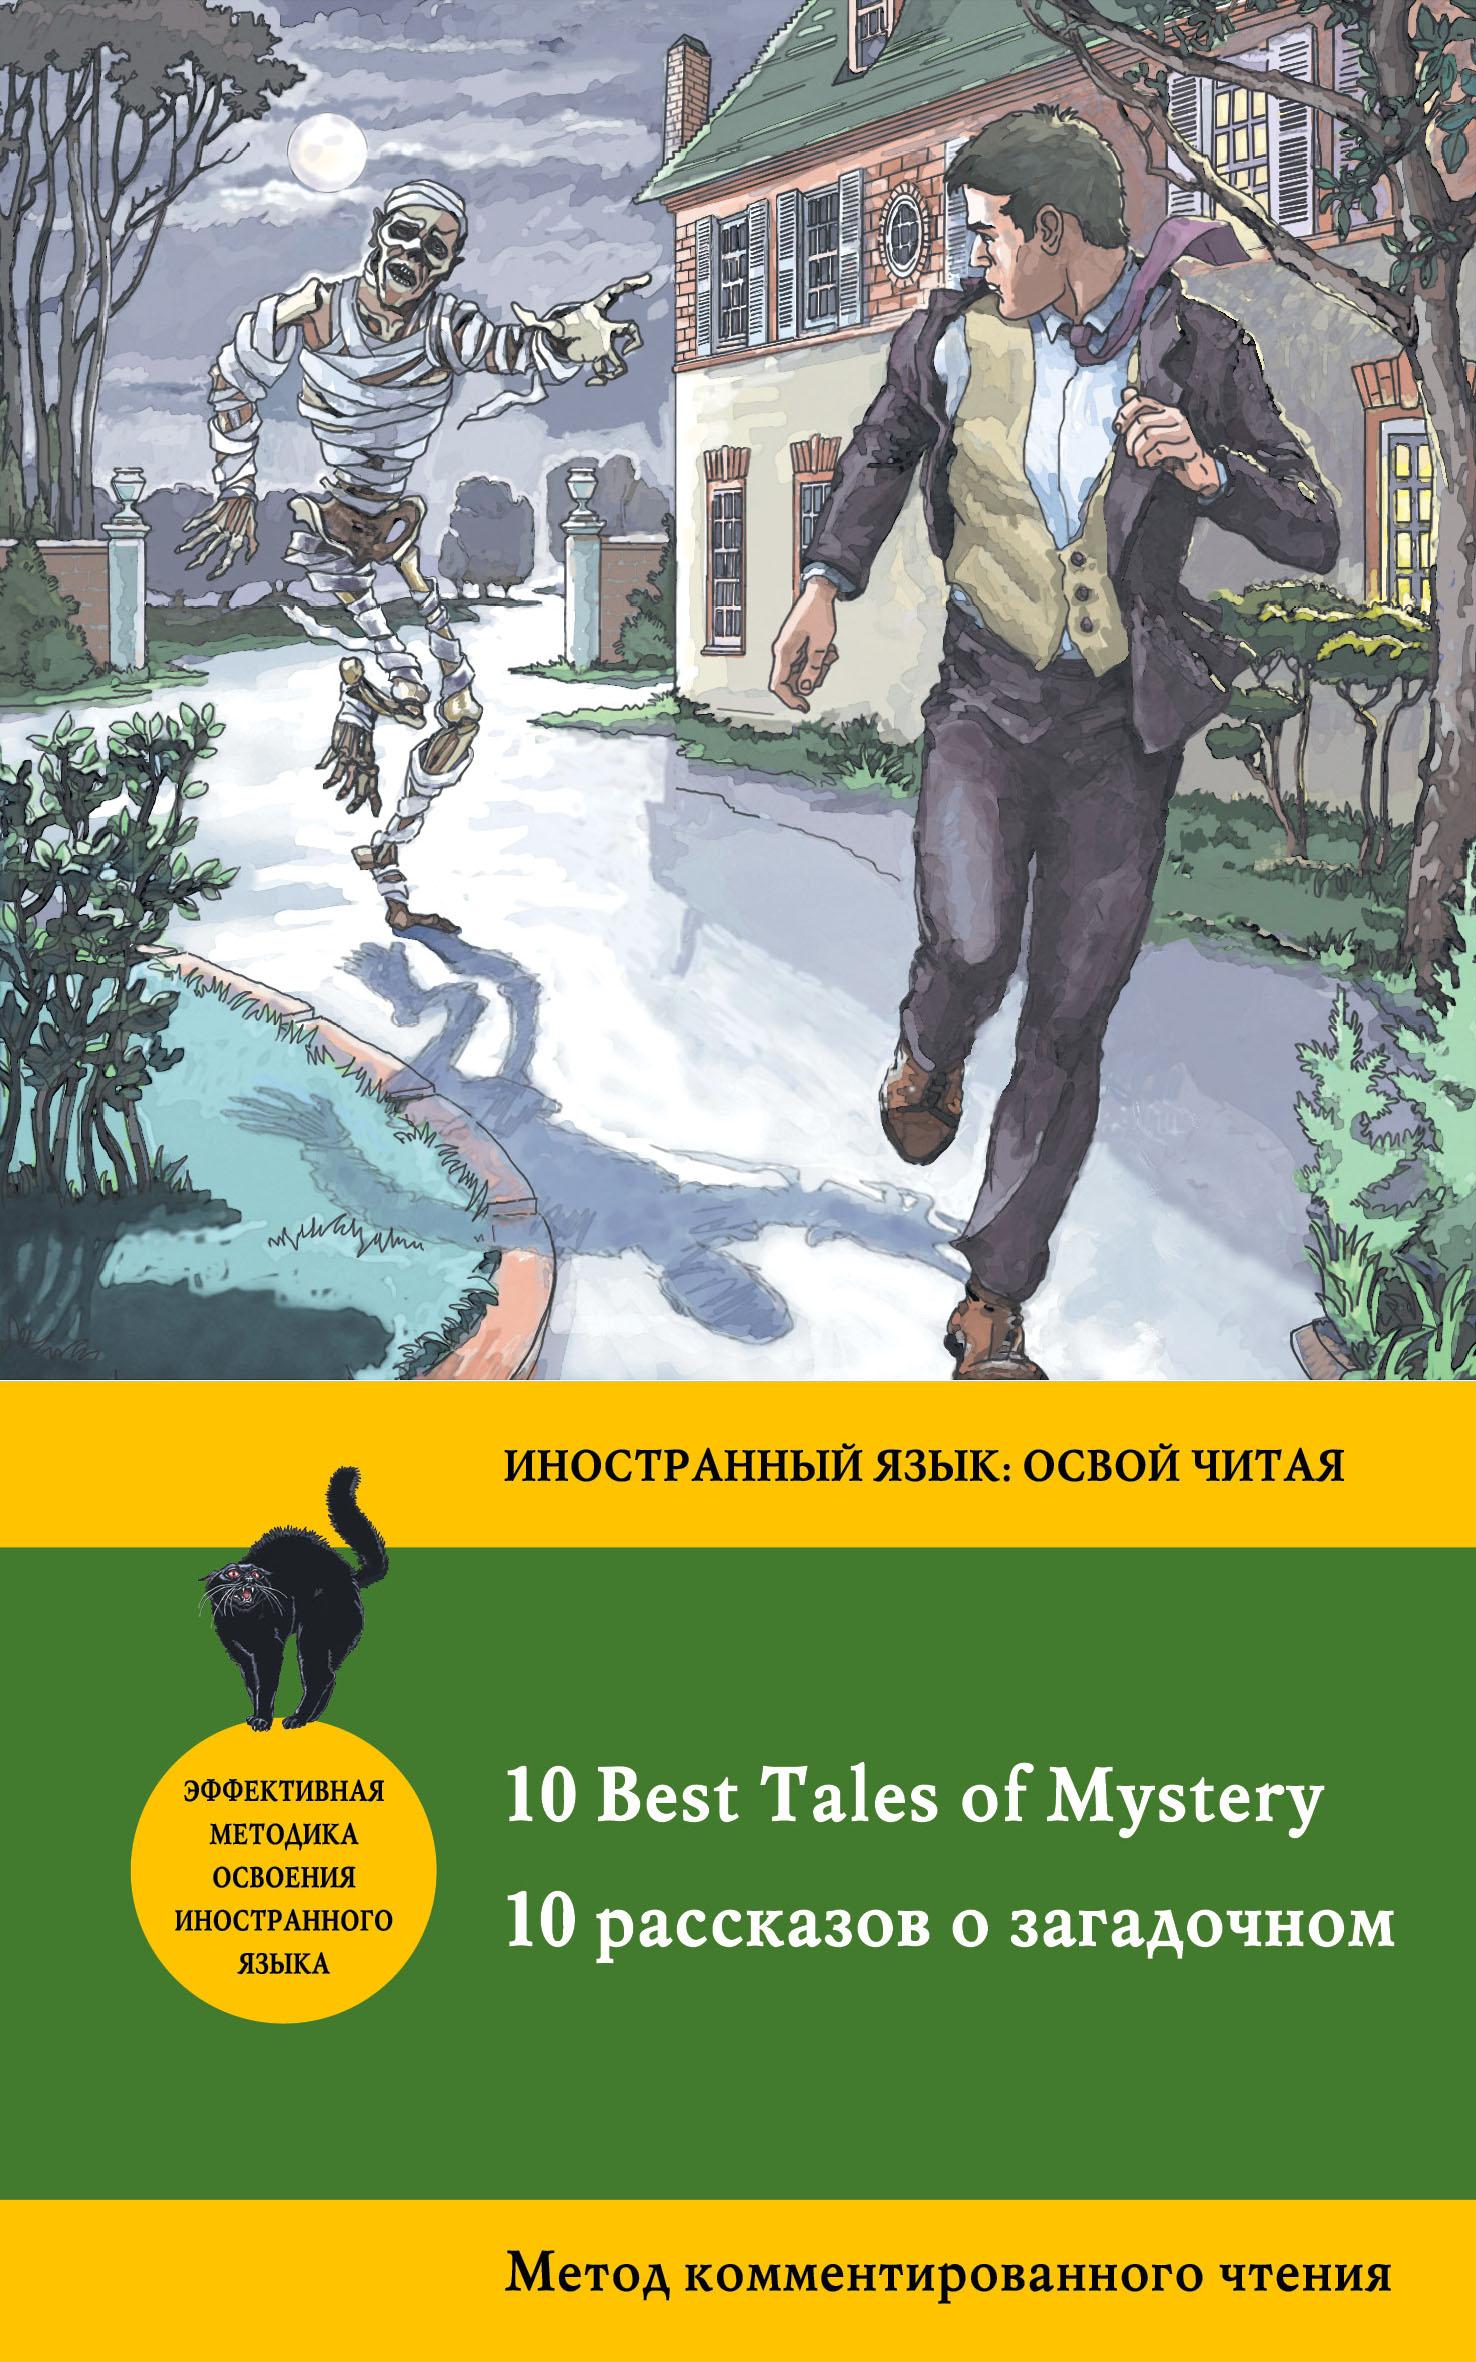 10 rasskazov o zagadochnom 10 best tales of mystery metod kommentirovannogo chteniya